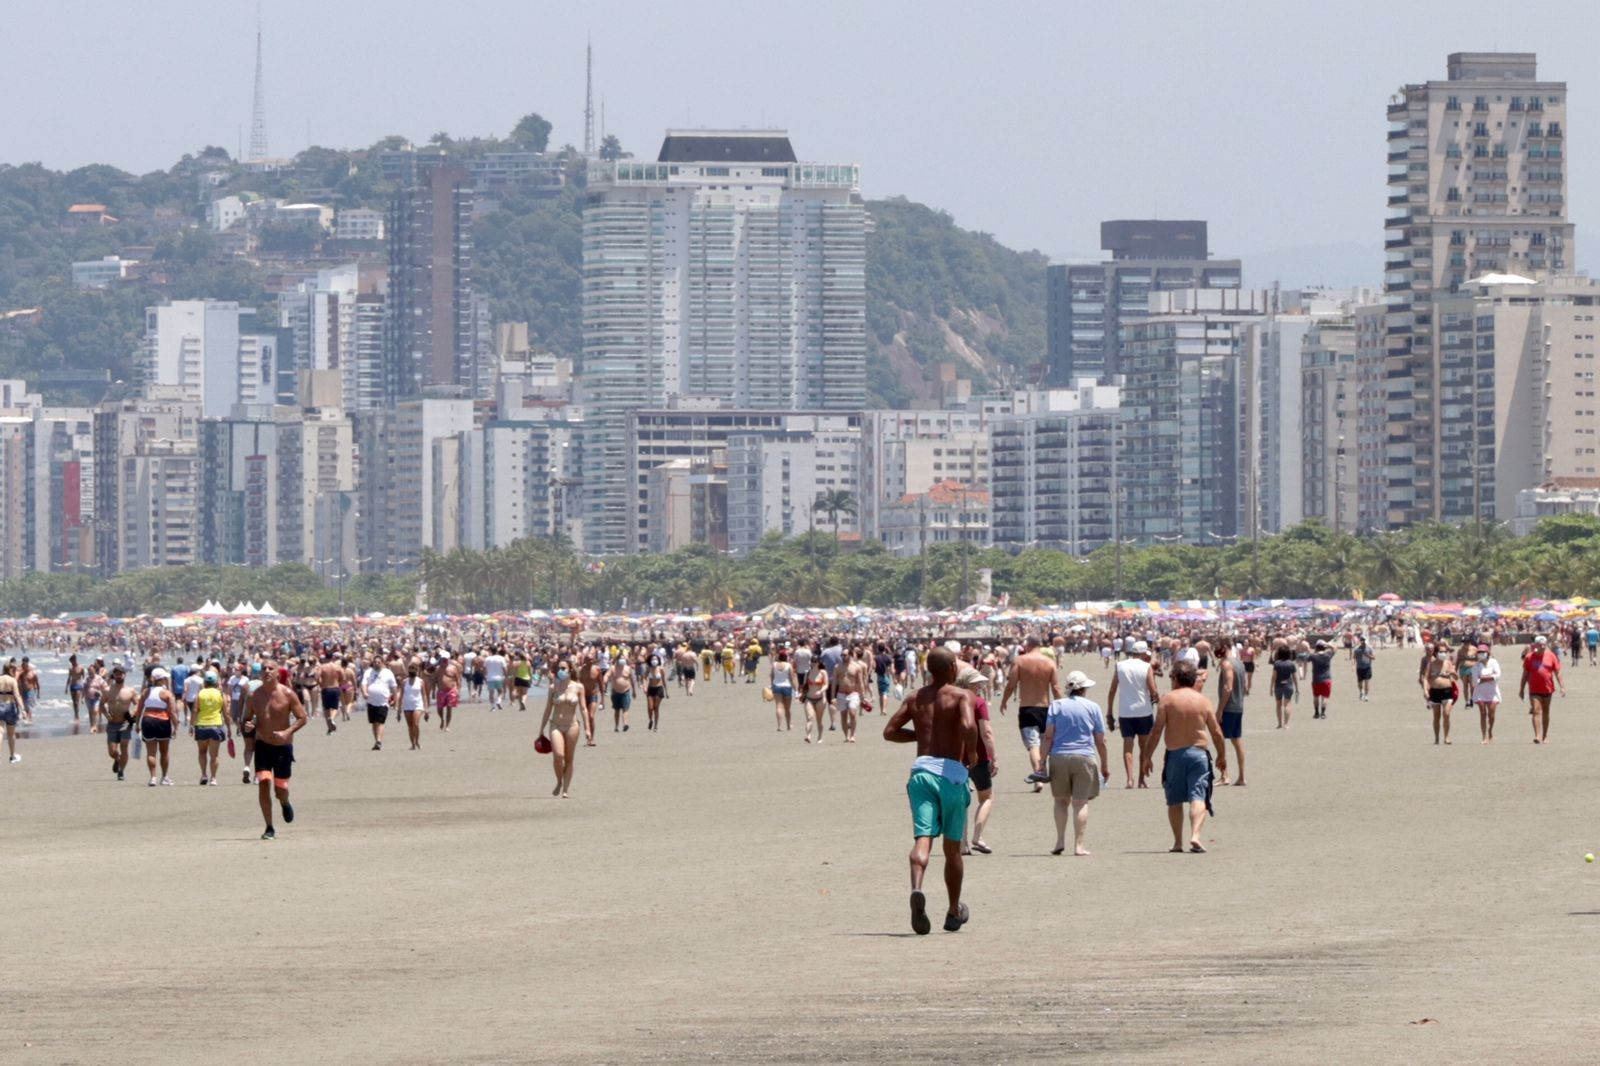 Sábado com sol e calor atrai banhistas para praias de Santos após semana chuvosa; FOTOS